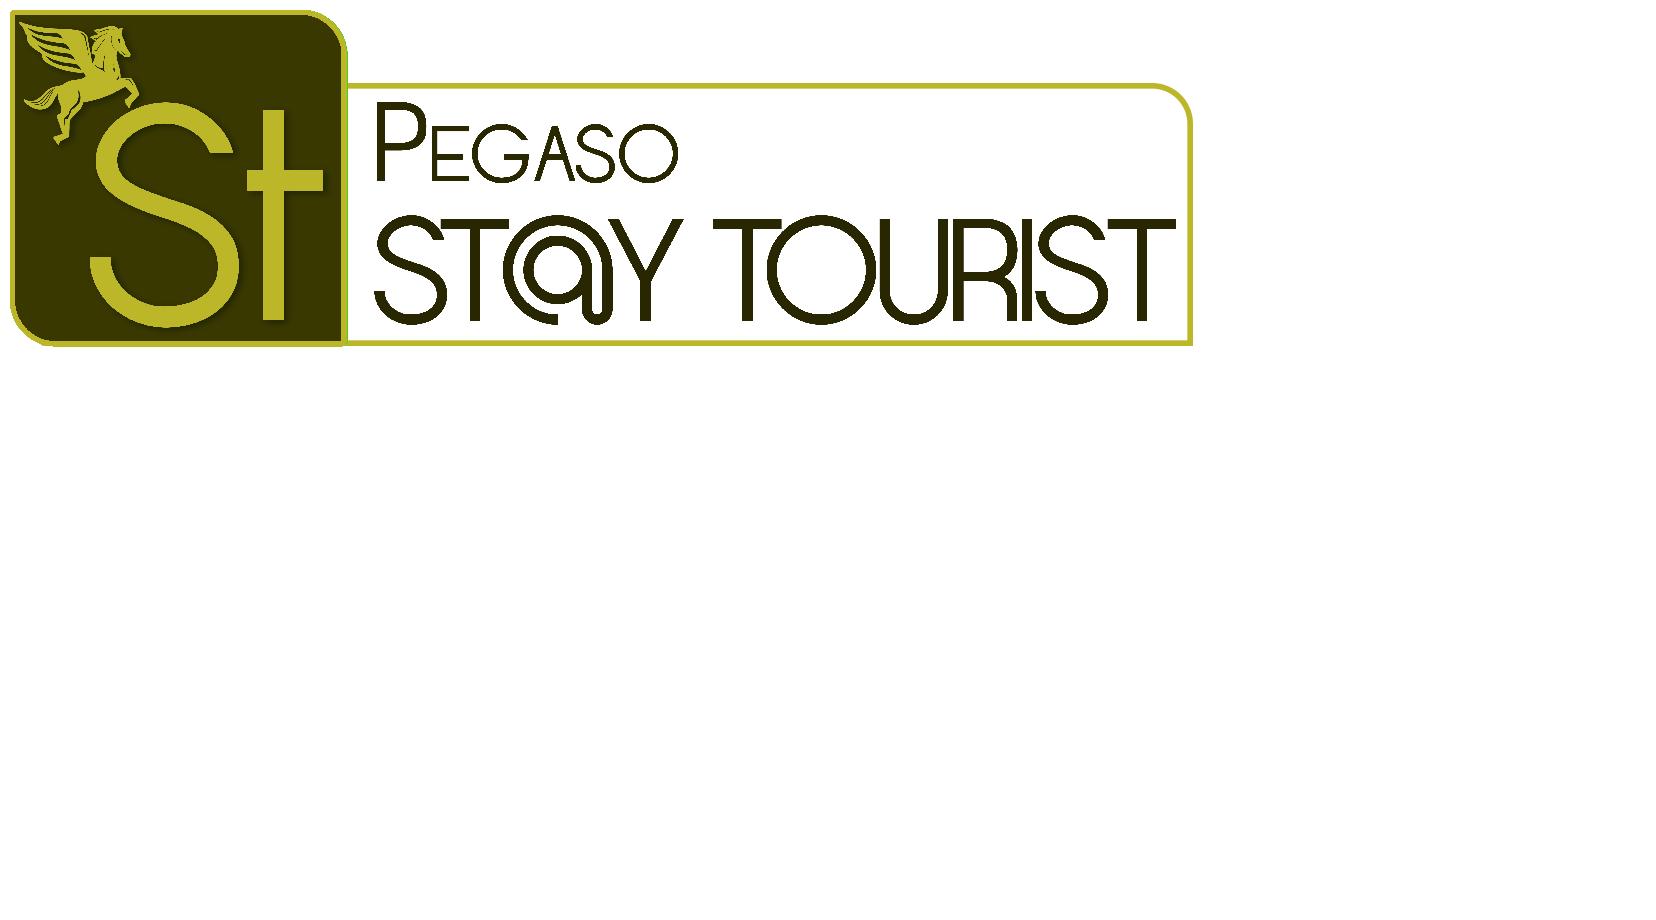 Accesso al portale Pegaso Stay Tourist - Imposta di soggiorno